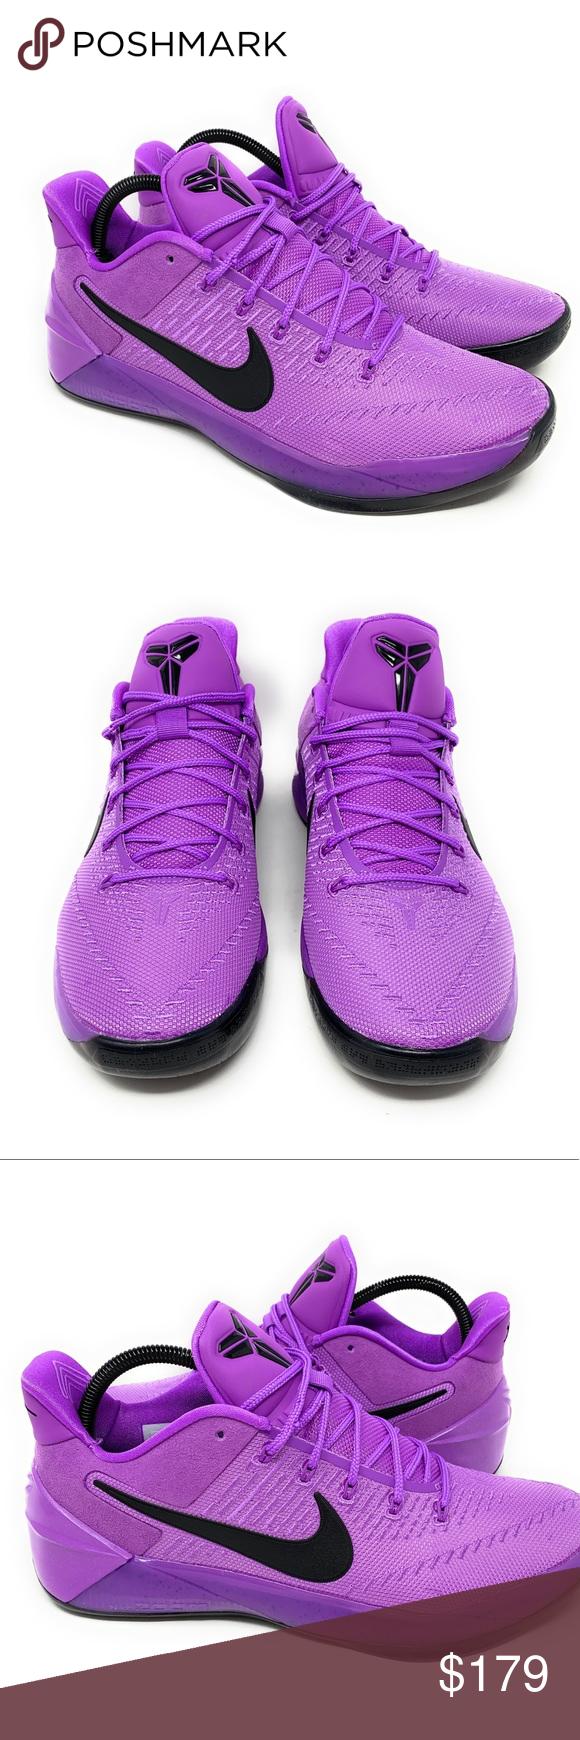 Nike Kobe AD Purple Stardust Basketball